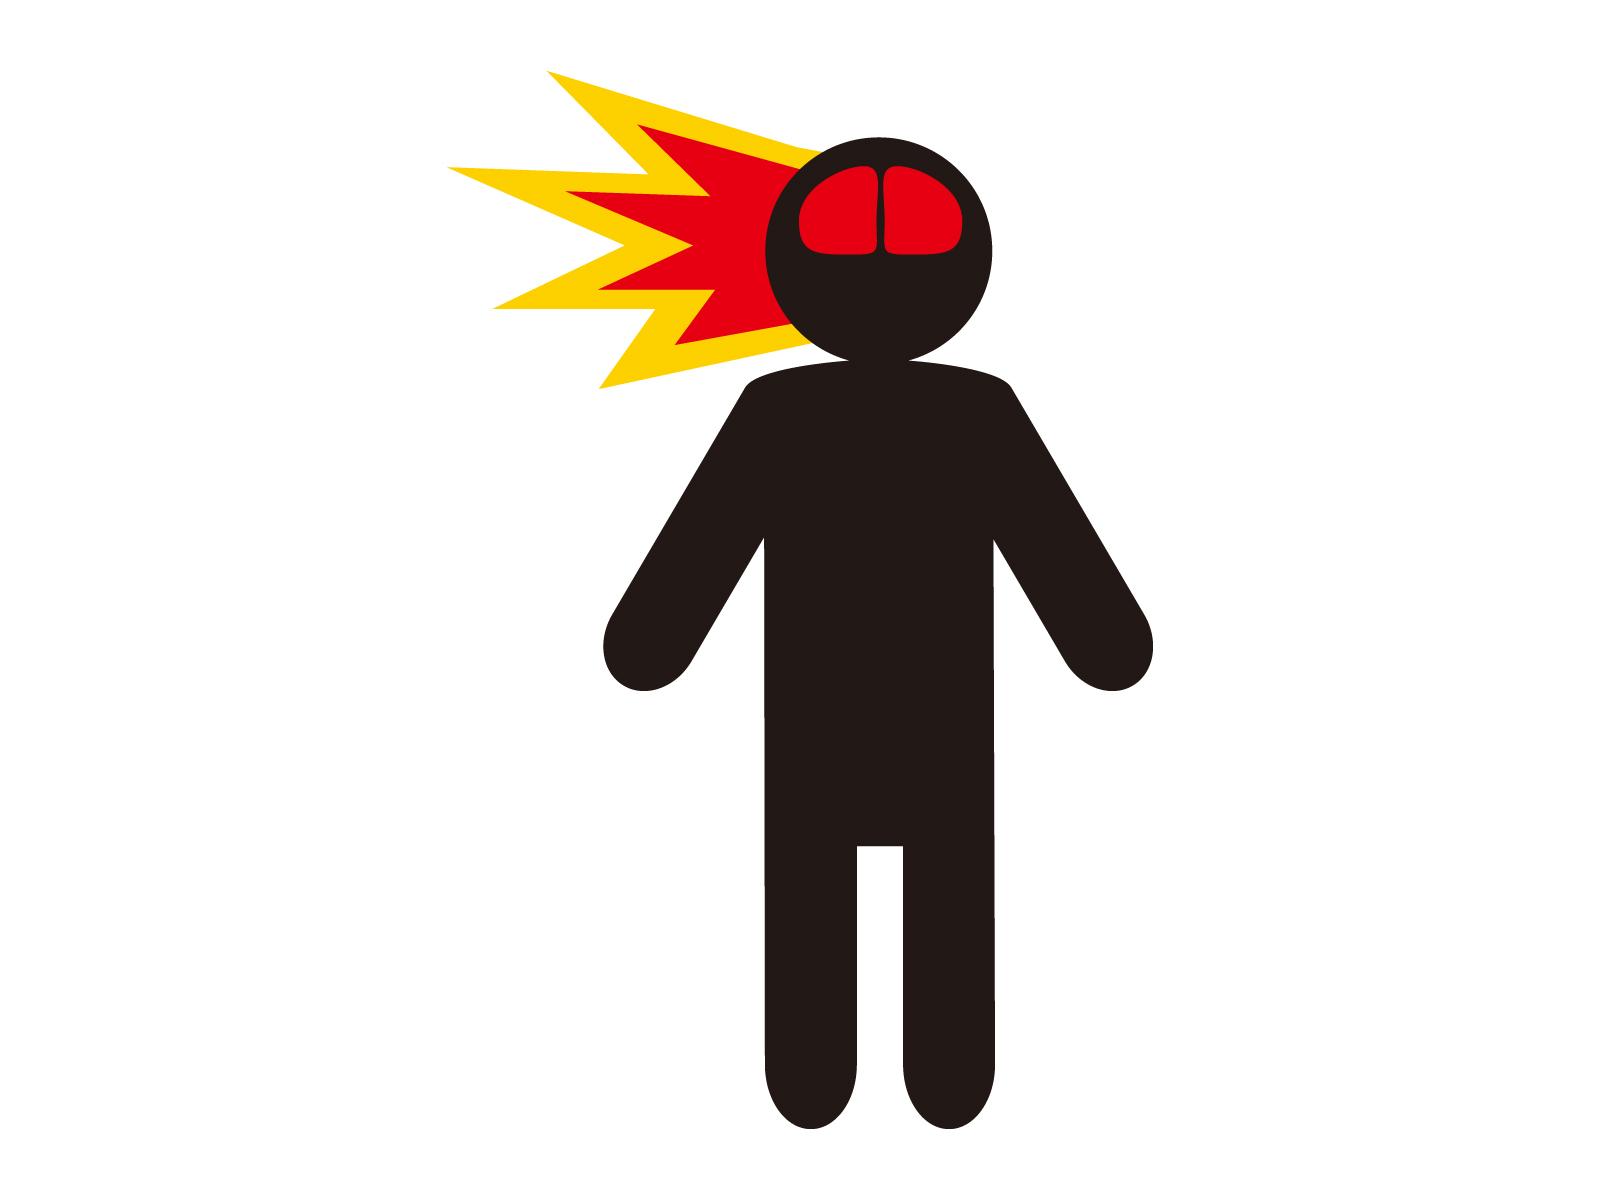 ロタウイルスによる脳症/脳炎は、年間どれくらい発生しているのか?